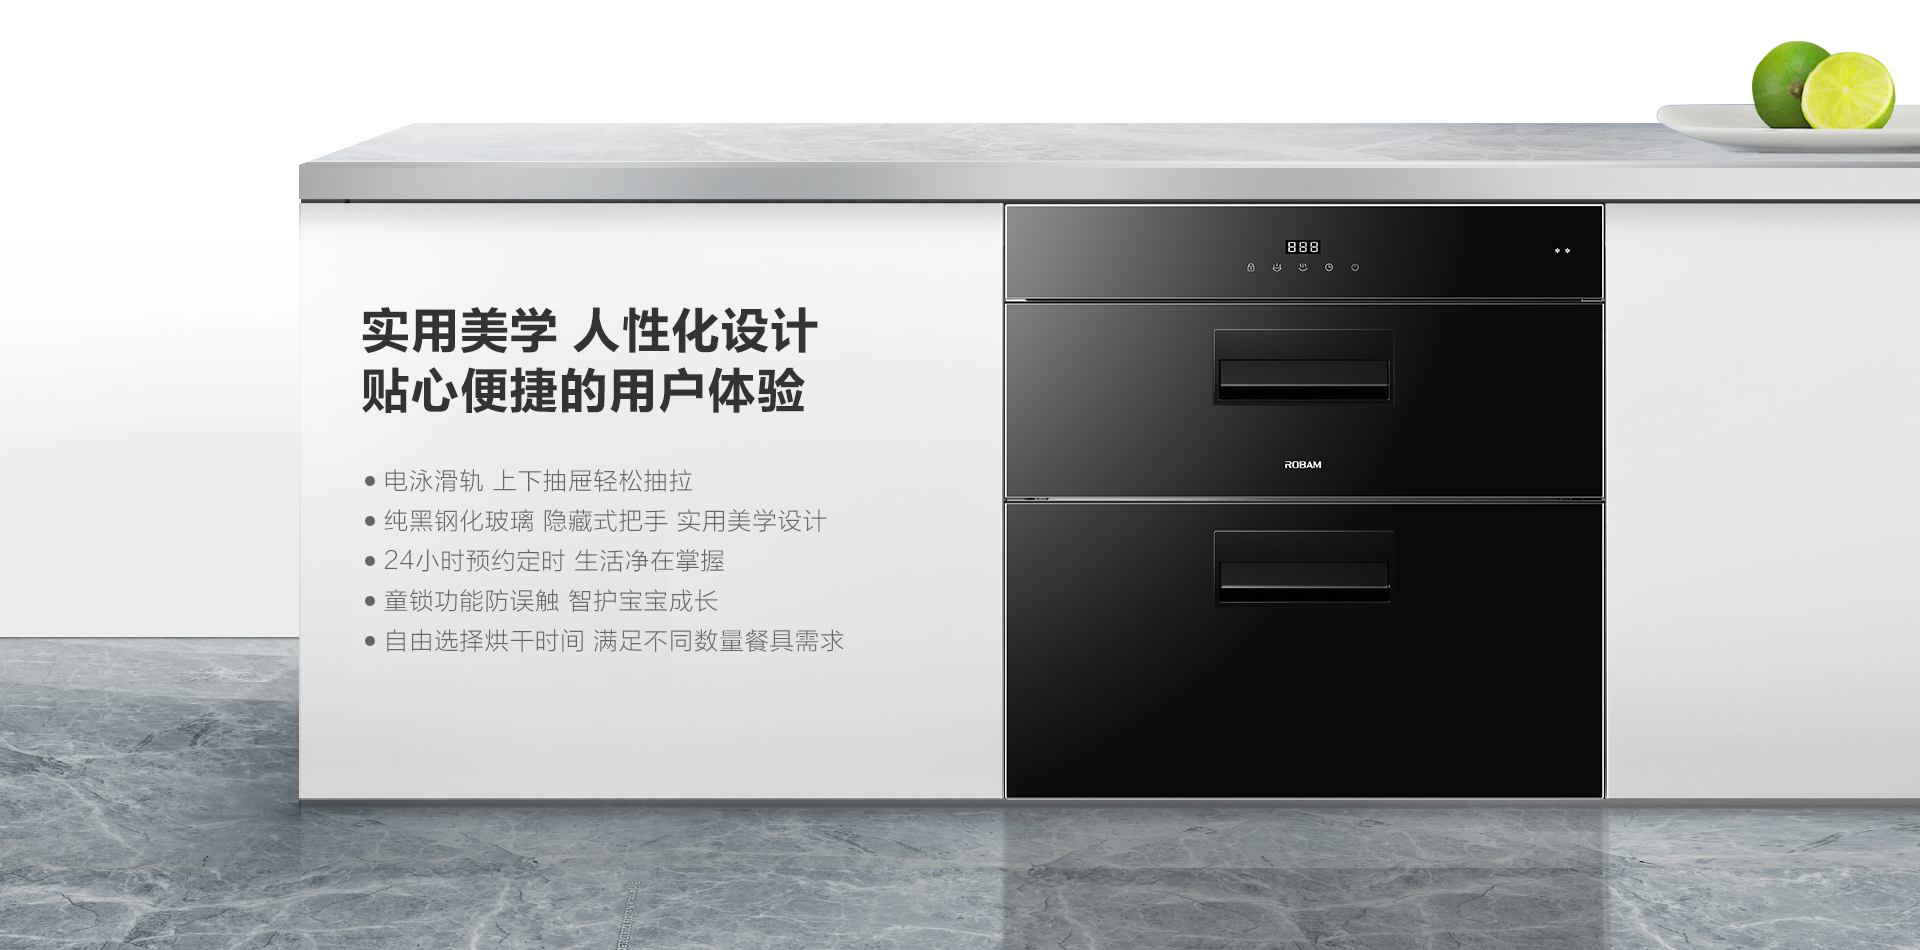 XB606消毒柜-上新-PC端-210719_05.png